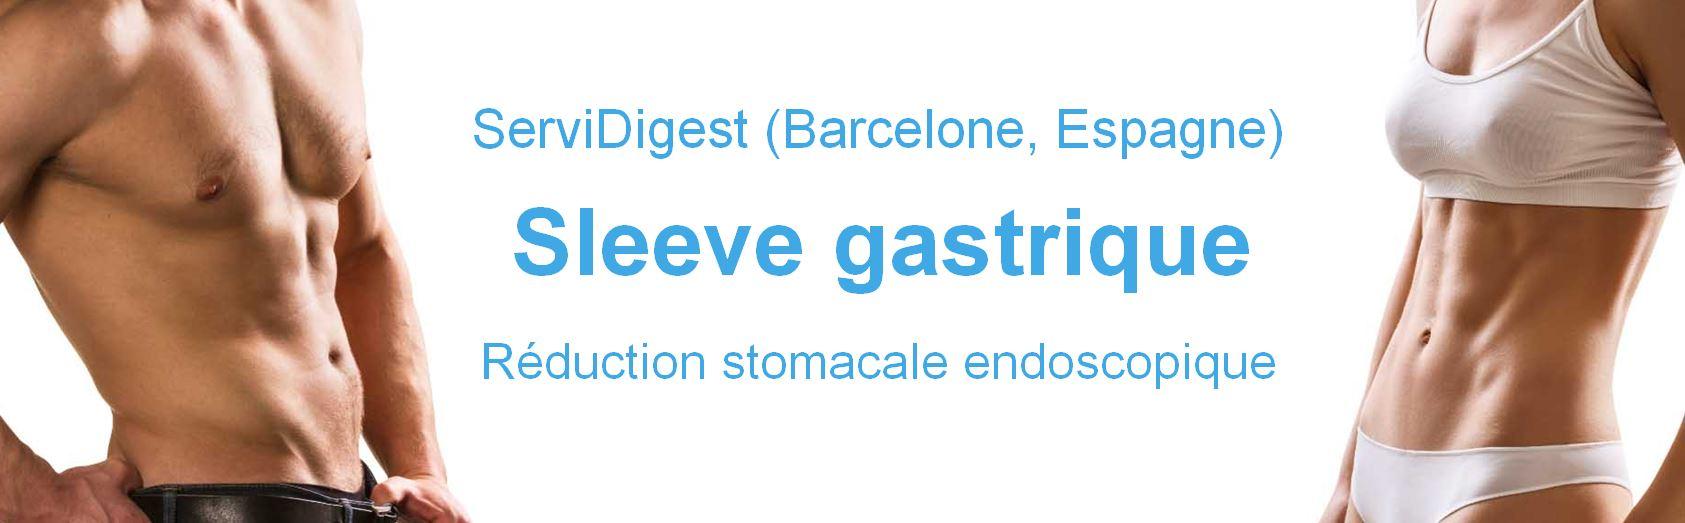 Sleeve gastroplastie (Sleeve endoscopique - Endosleeve) Prix Espagne